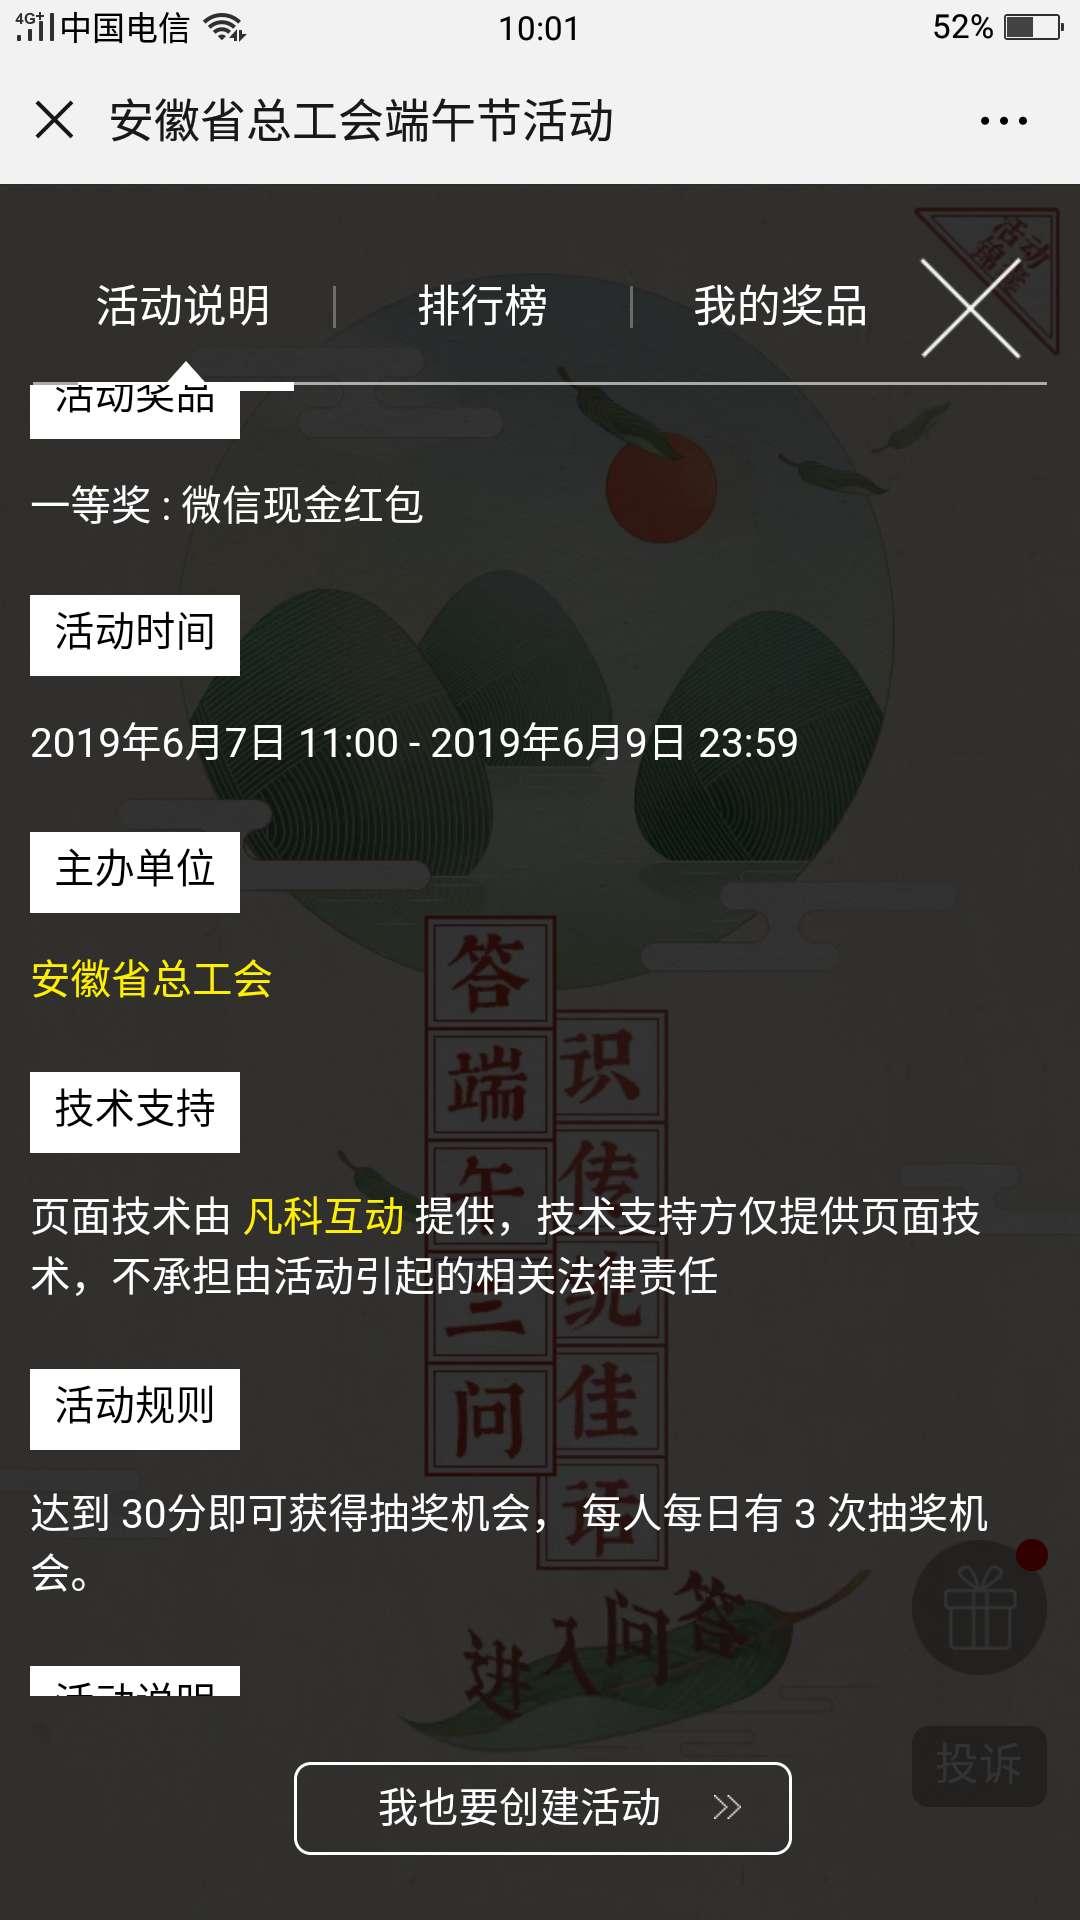 线报-「现金红包」安徽省总部工会红包